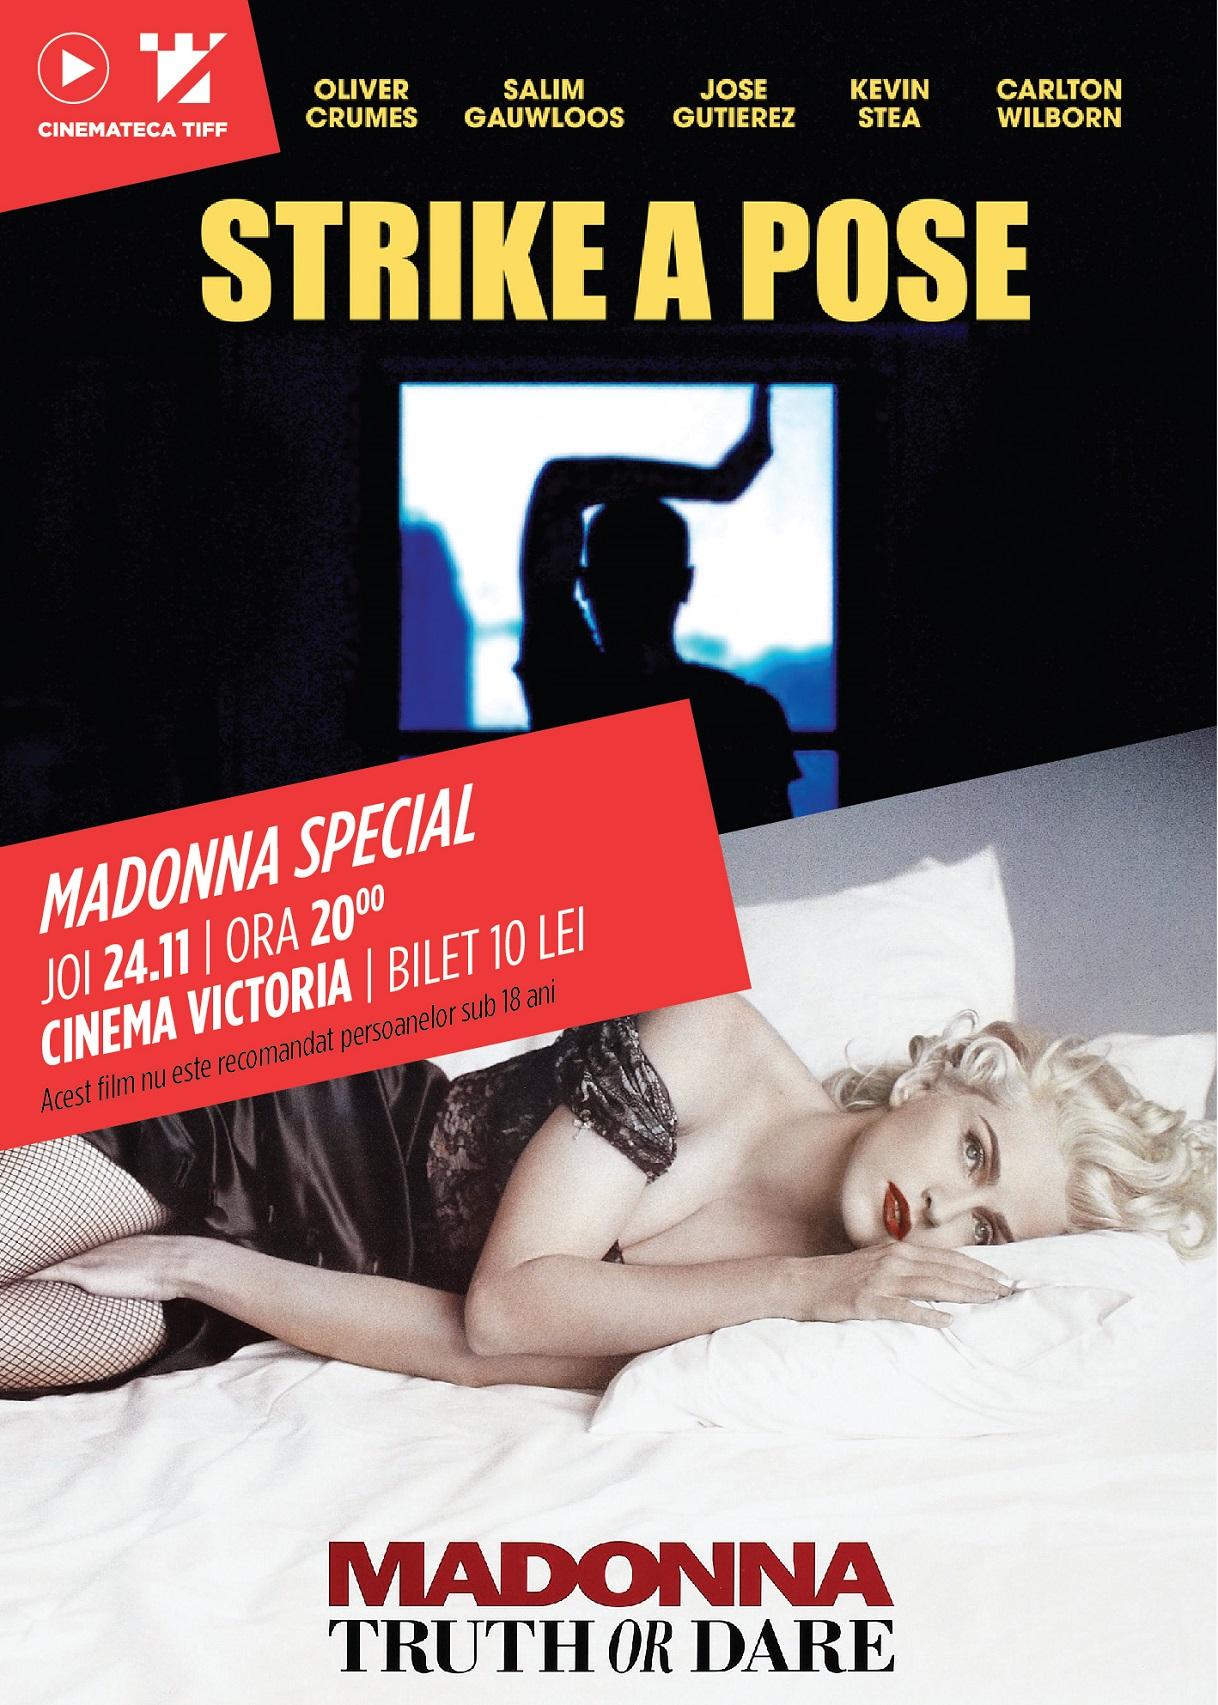 madonna-special_cinemateca-tiff